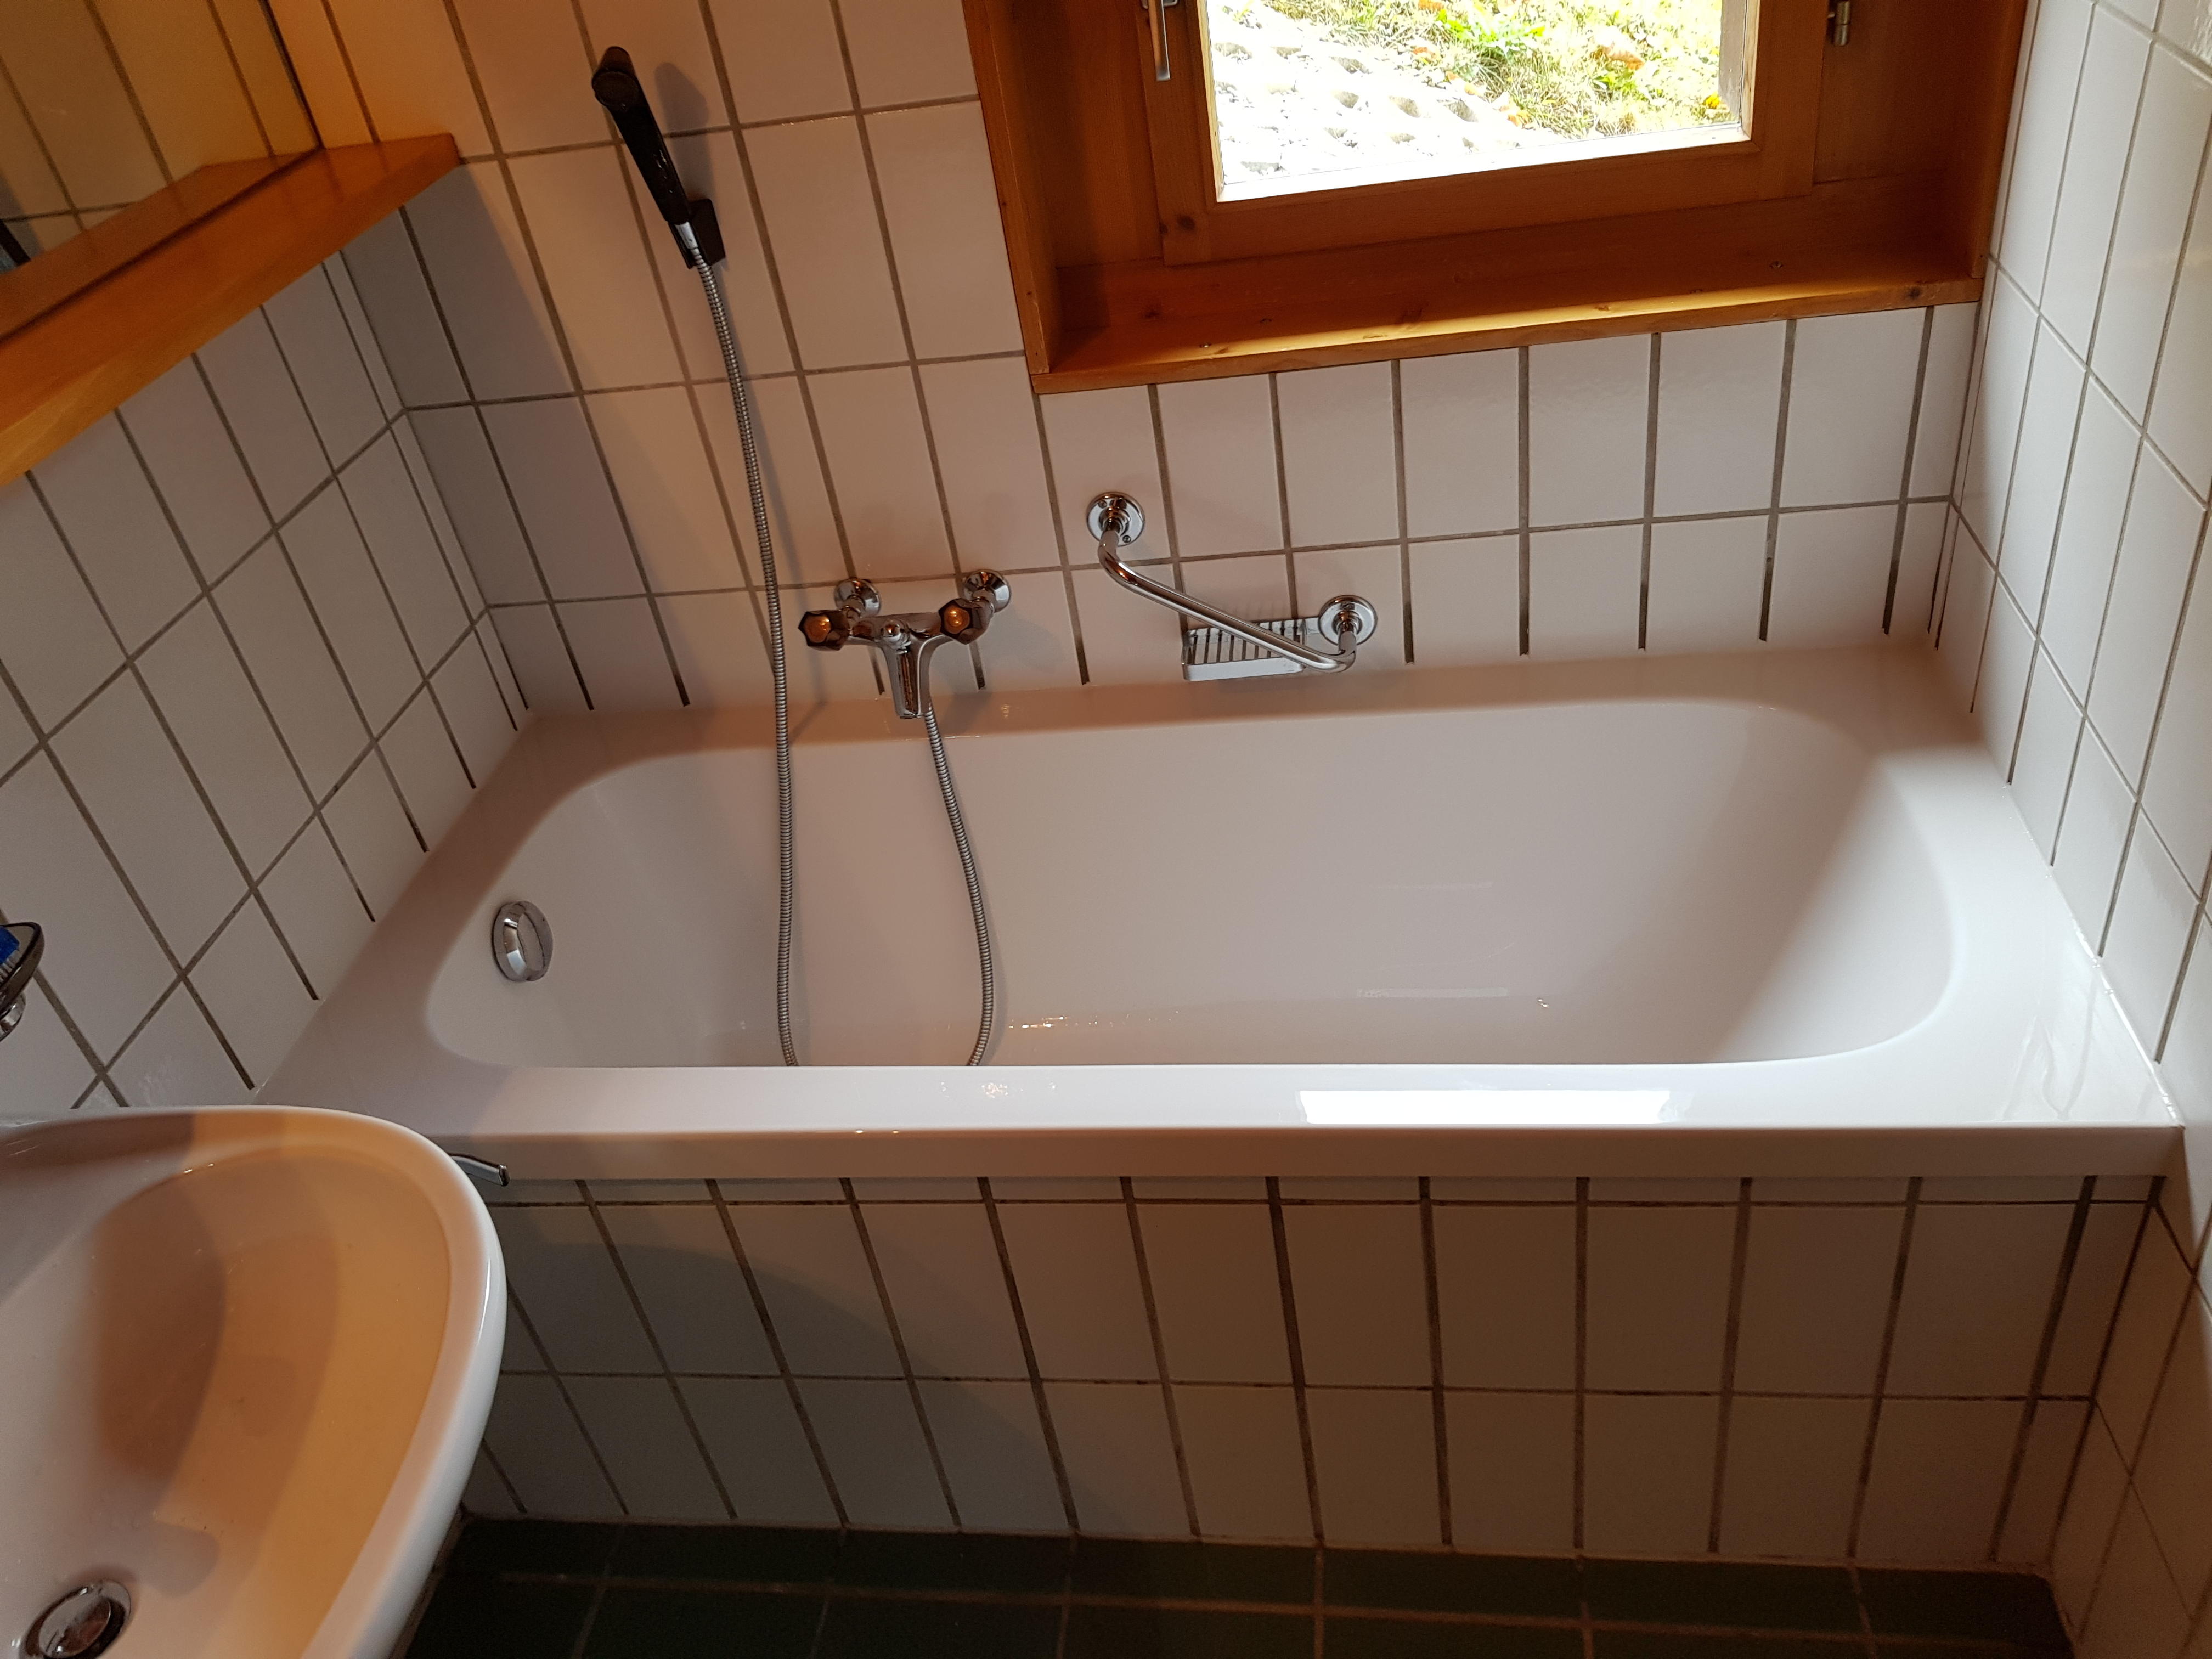 Changer une baignoire sans casser le carrelage trendy - Comment couper un carrelage sans le casser ...